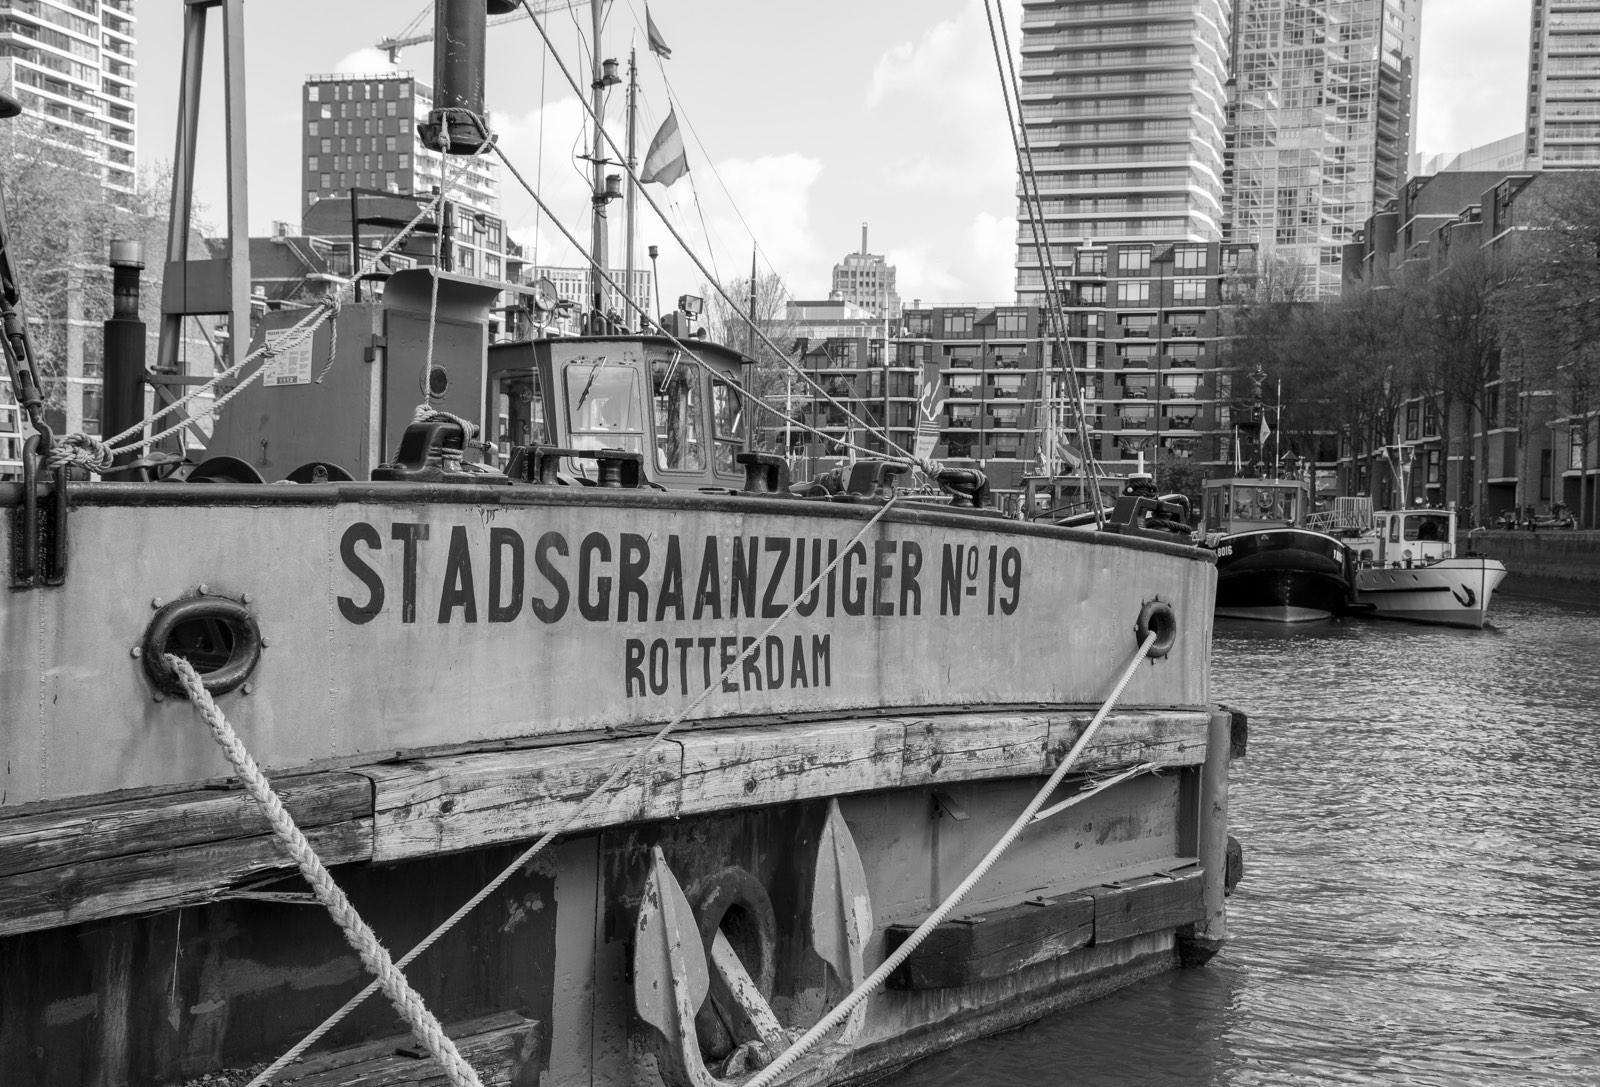 Fotowedstrijd van mei 2019 op Fotografie.nl